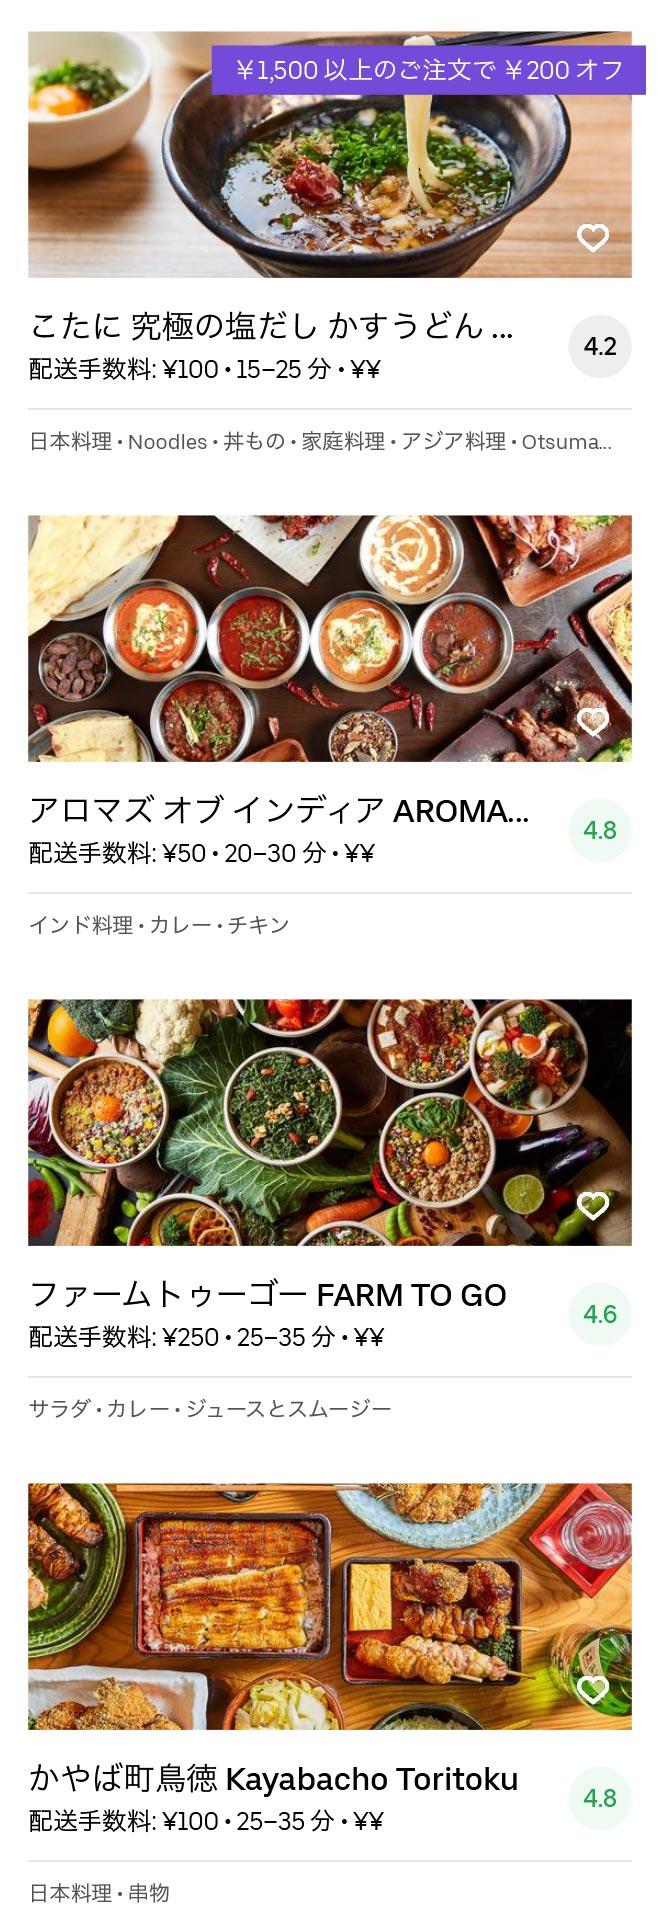 Tokyo otemachi menu 2005 10